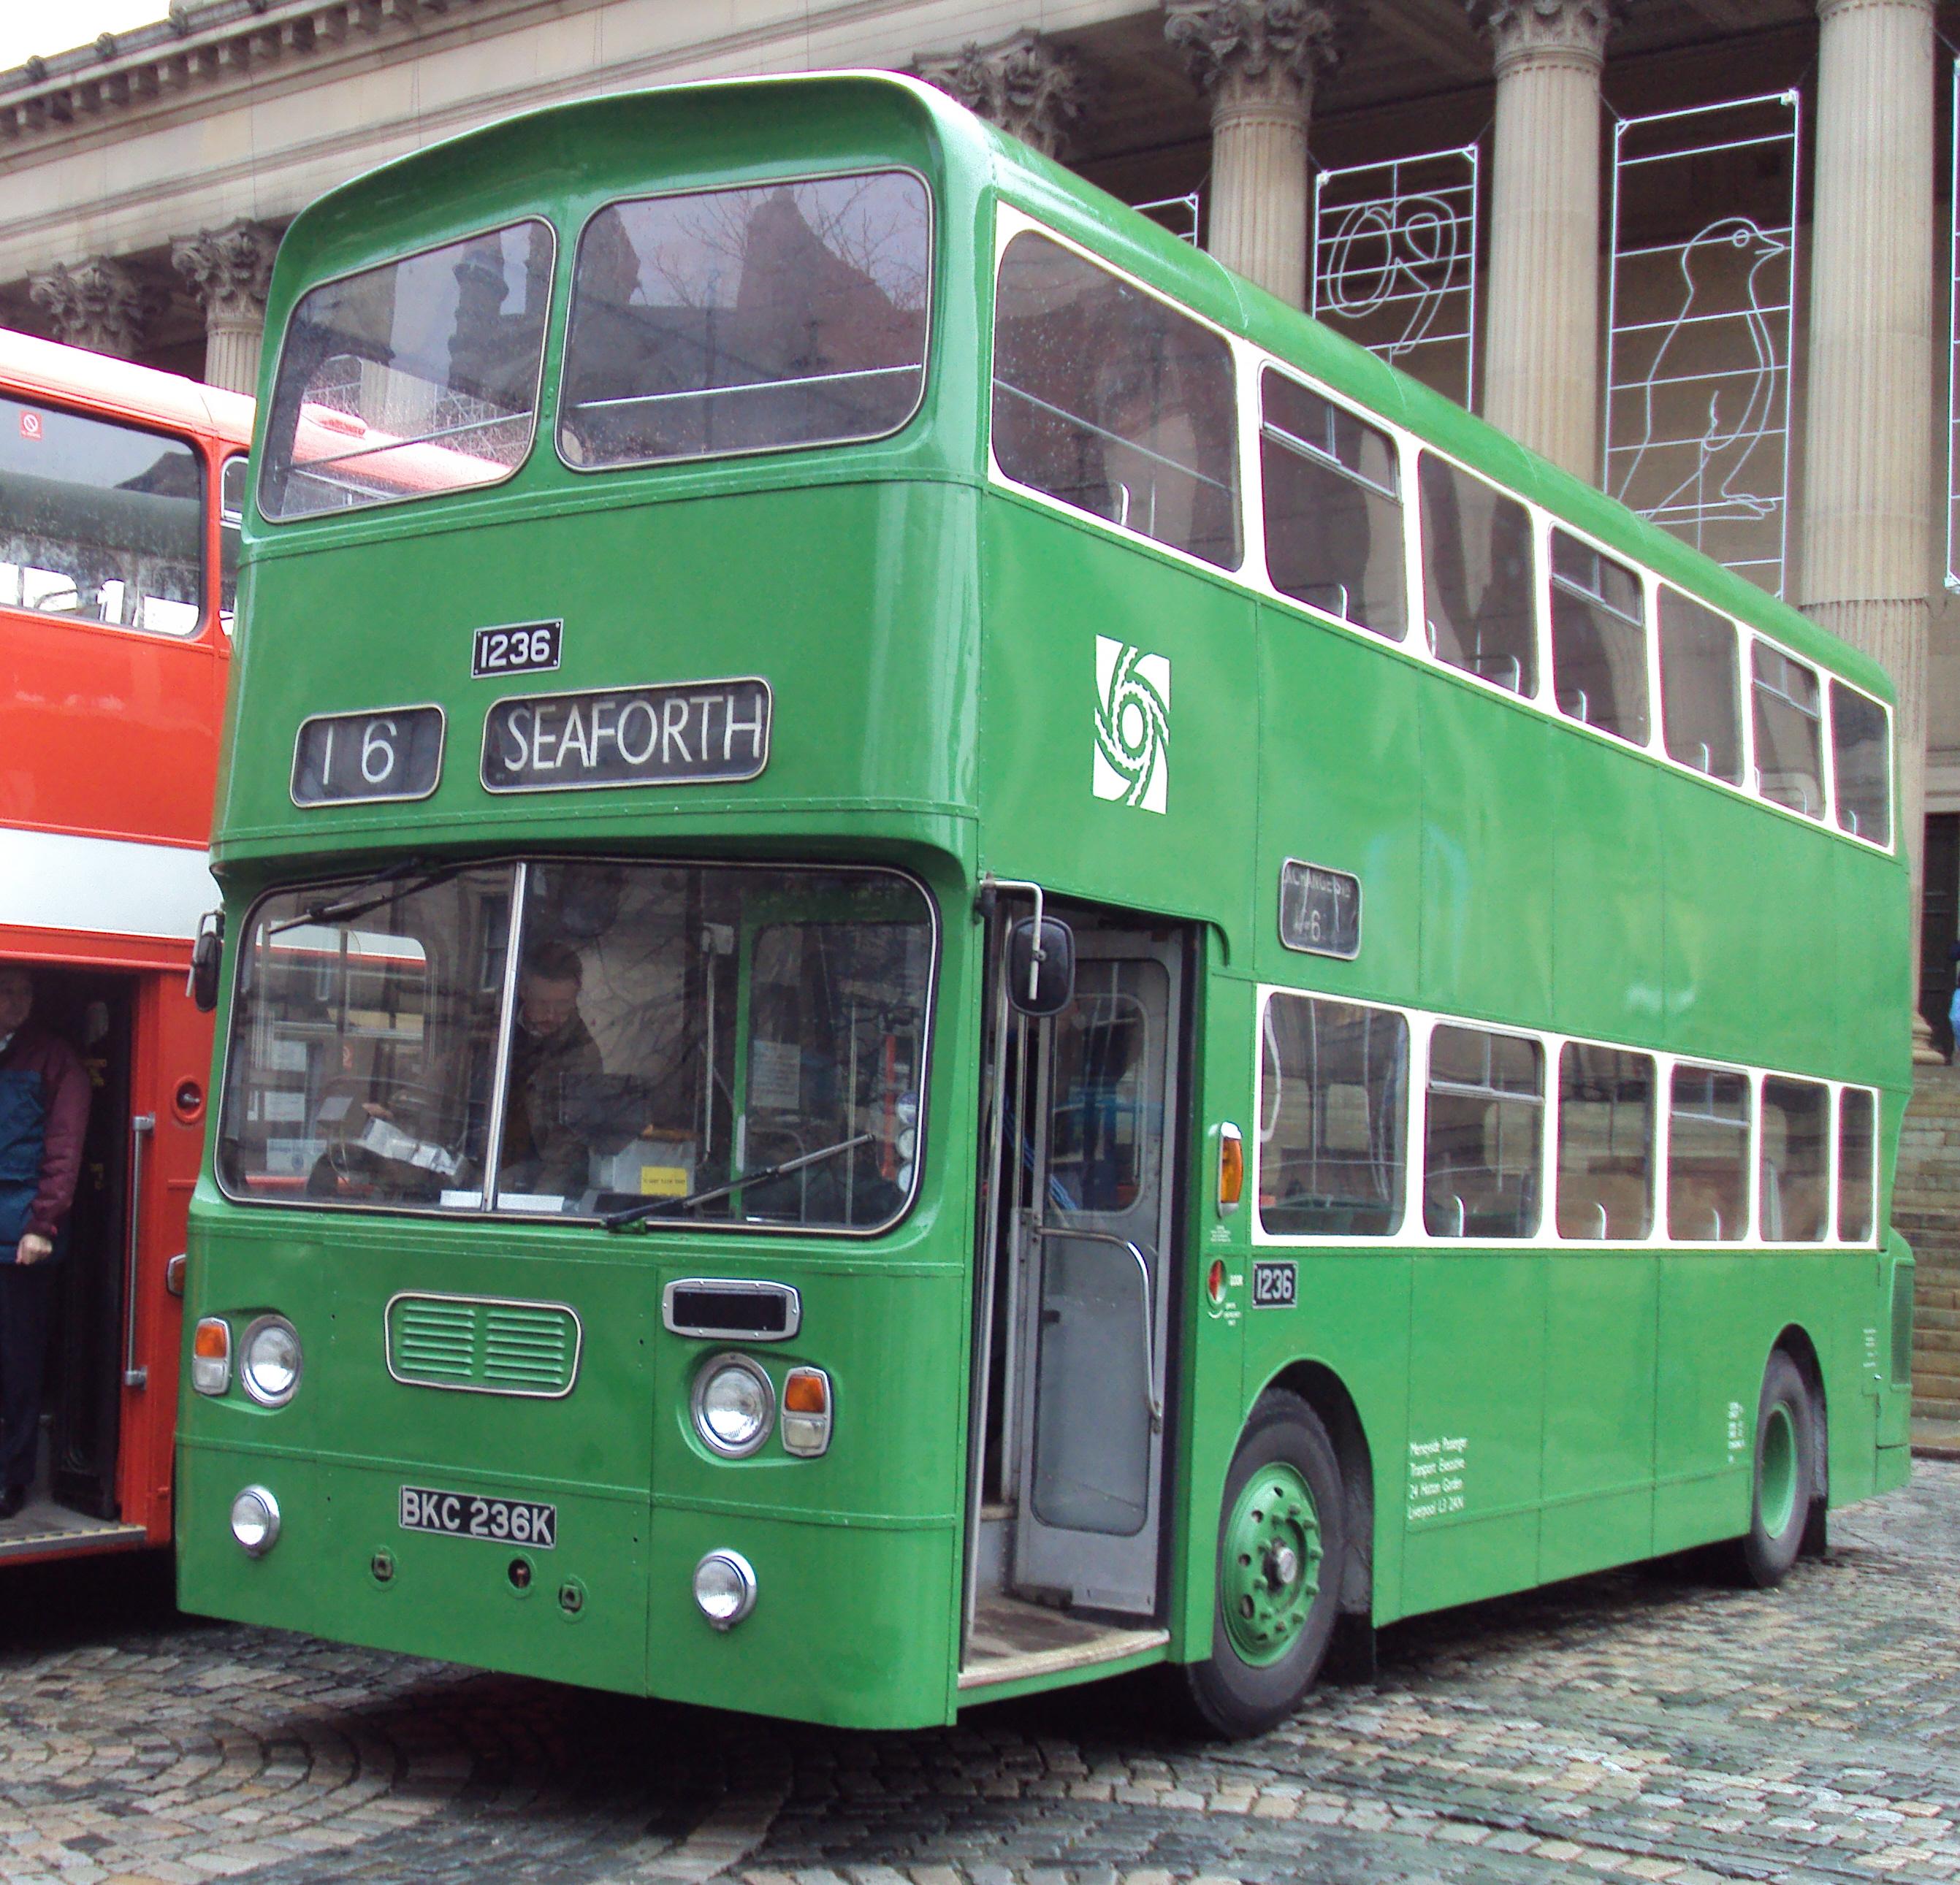 File:Merseyside PTE preserved bus 1236 Leyland Atlantean Alexander AL BKC  236K Liverpool division green